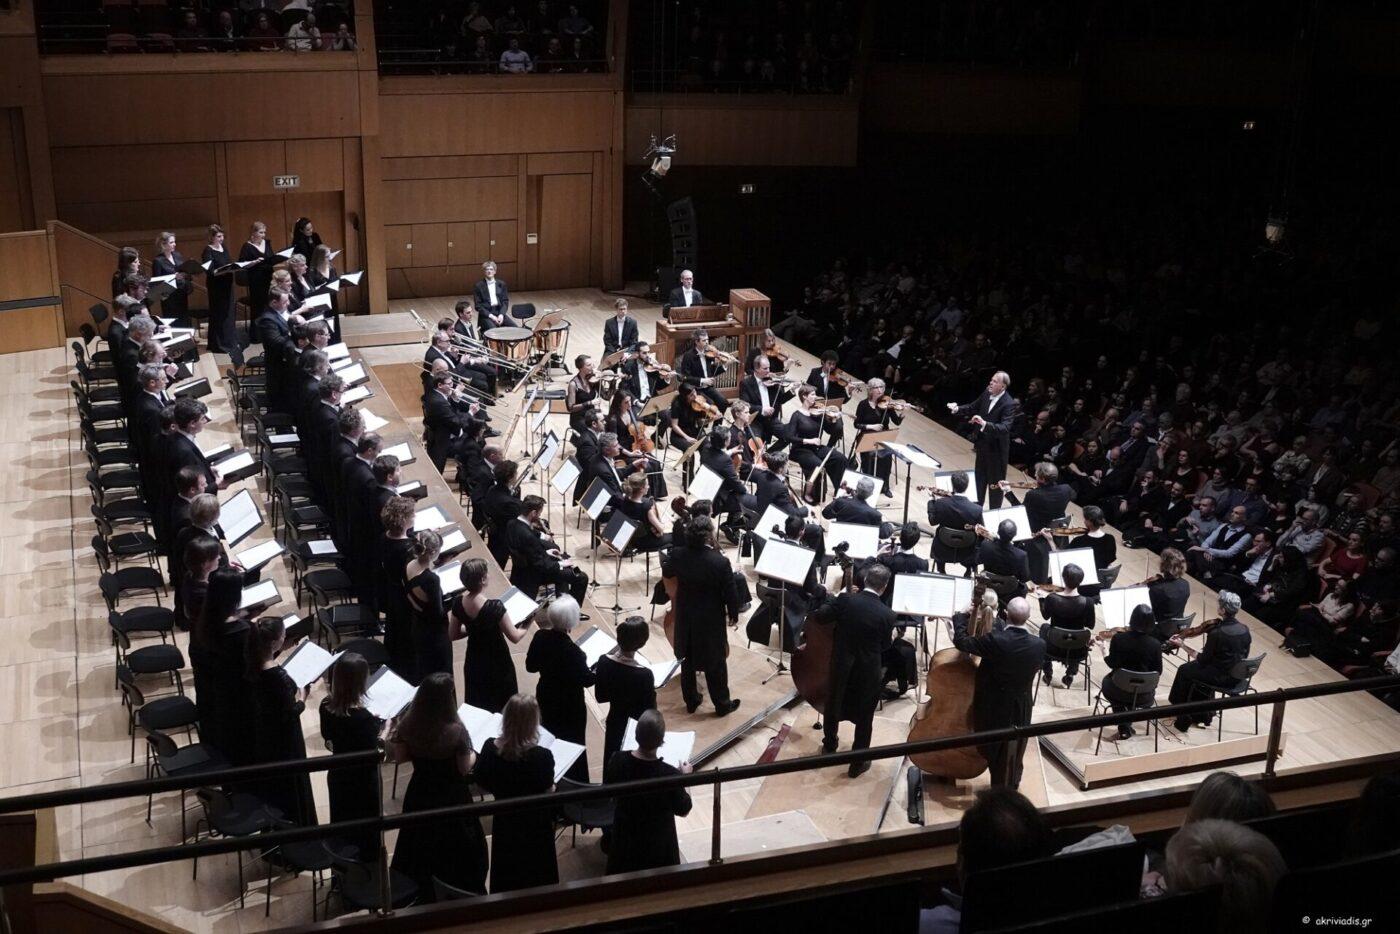 Balthasar Neumann Ensemble and Choi